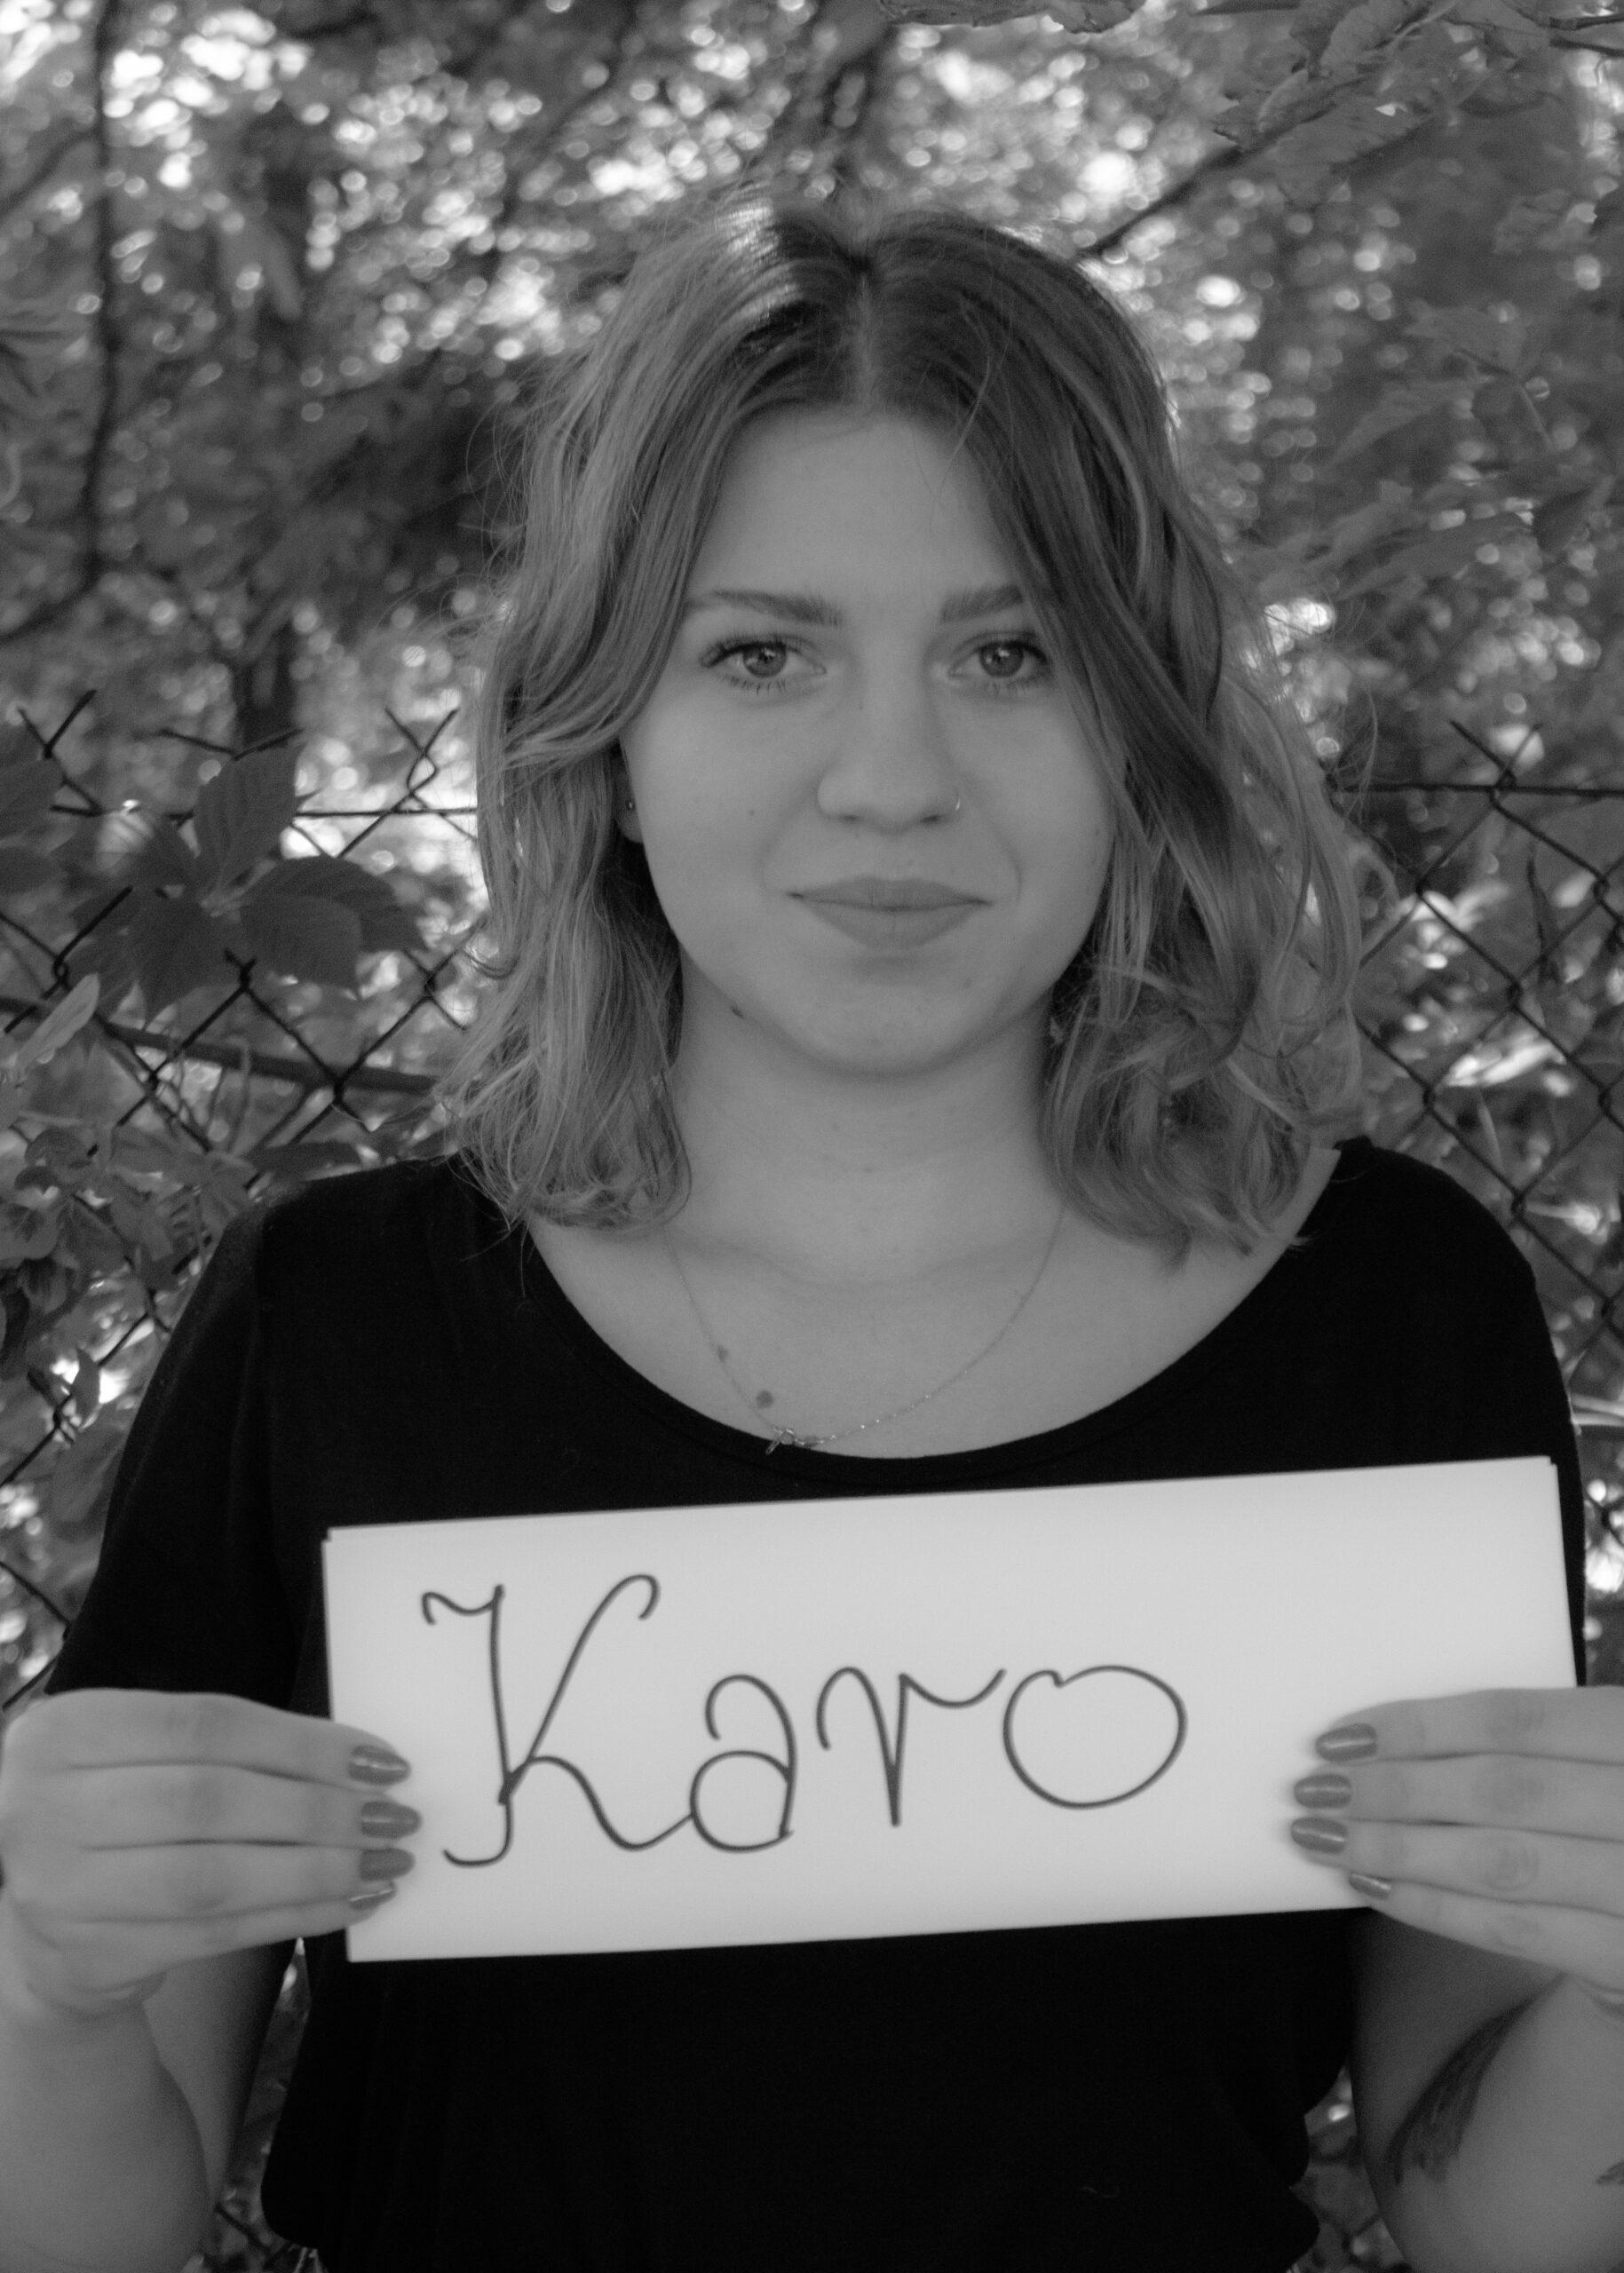 Karolina Jajko